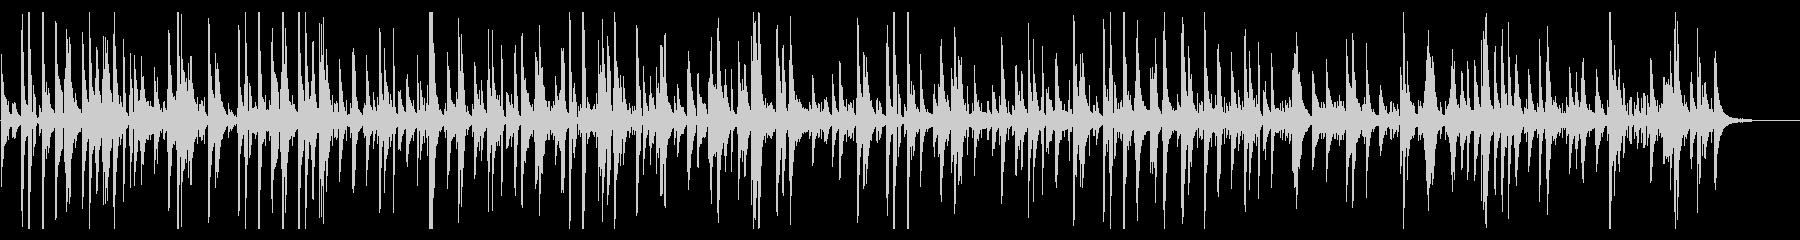 ジャズバーで流れるお洒落ピアノバラードの未再生の波形